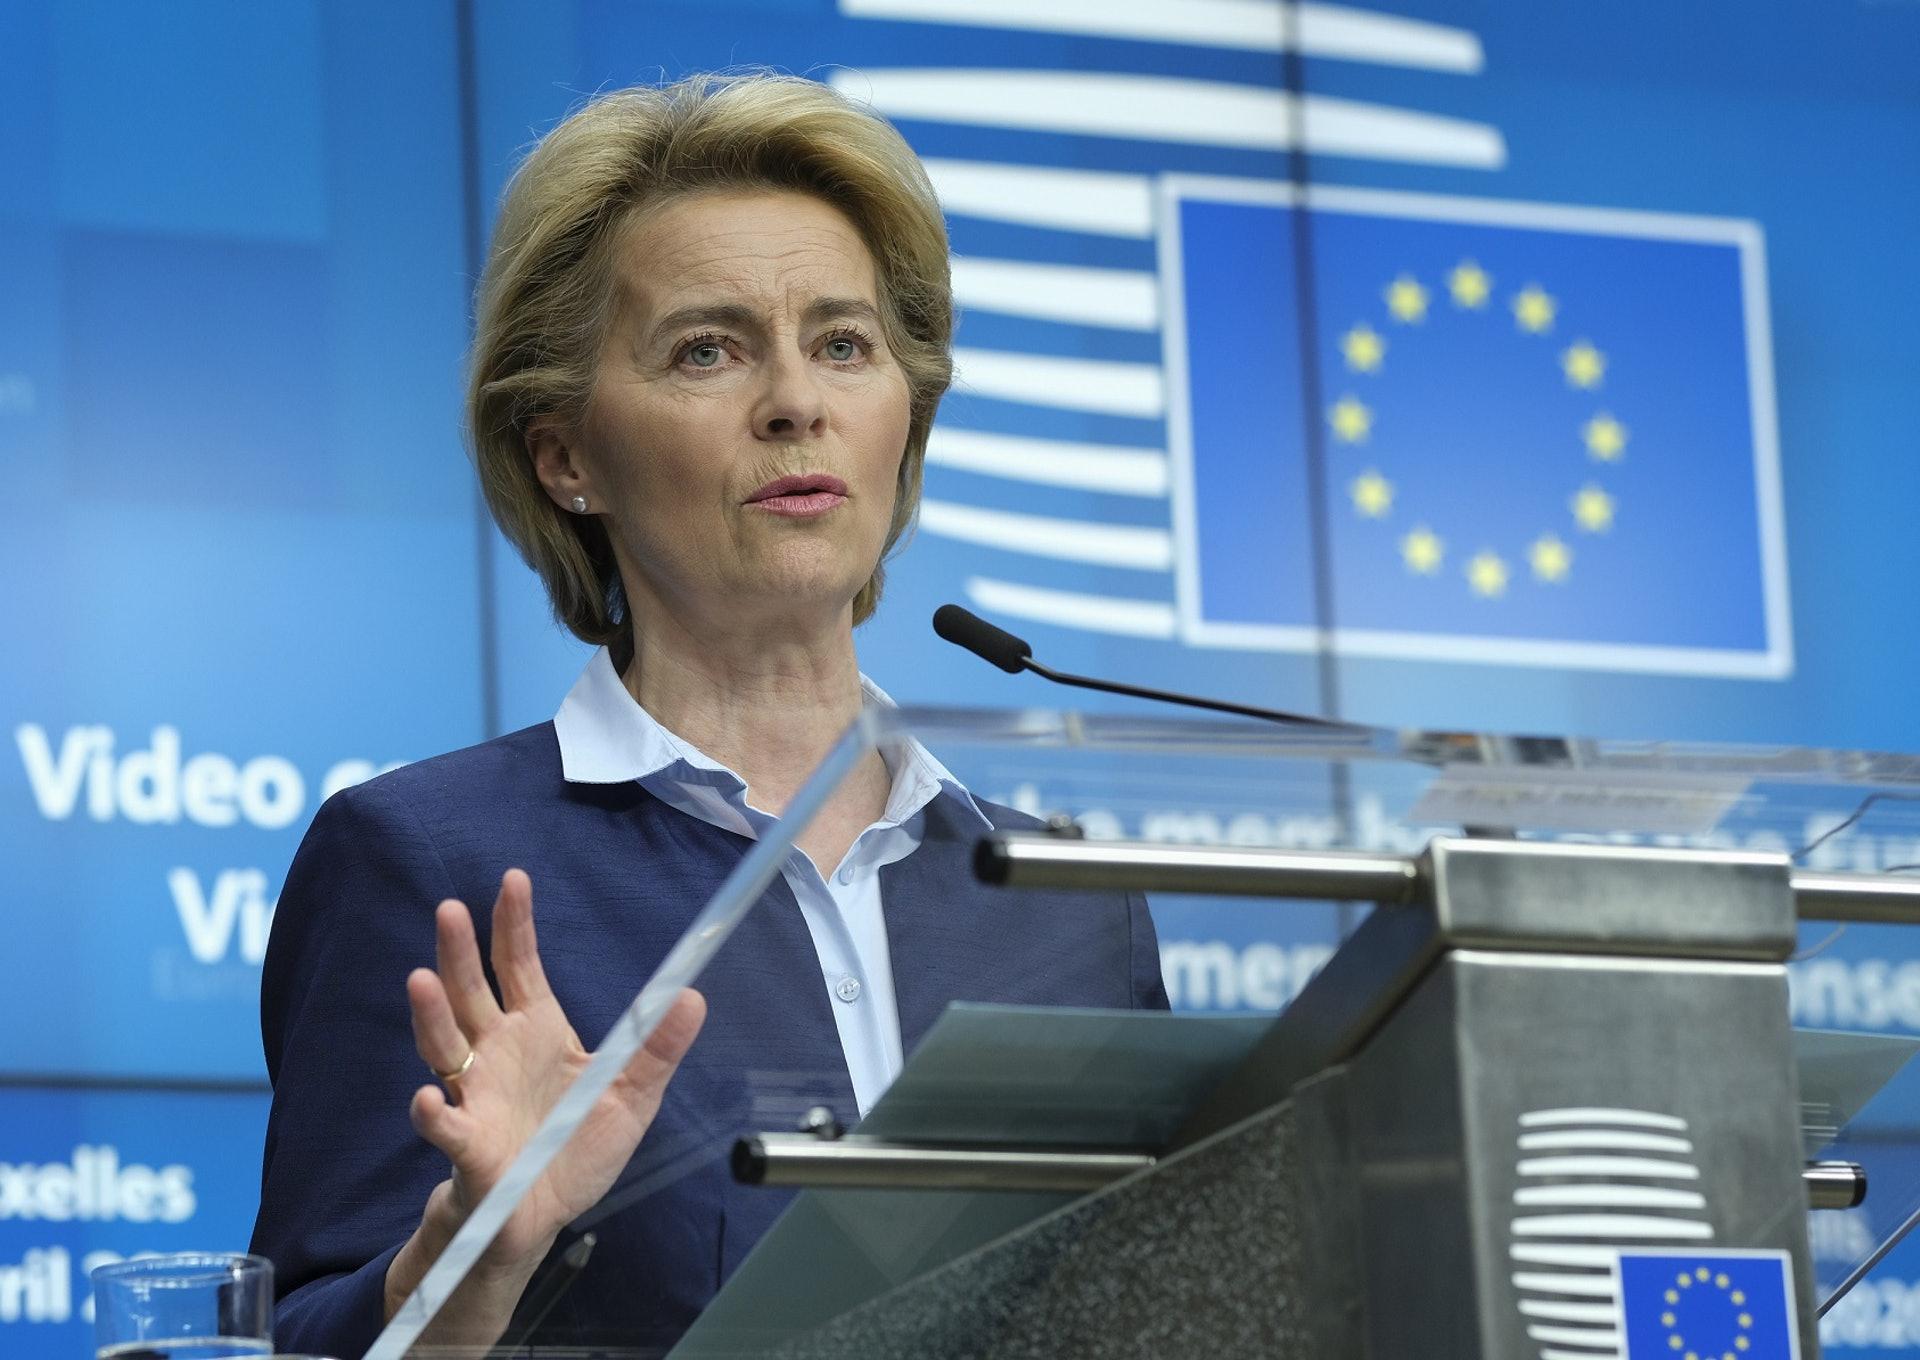 冯德莱恩4月16日在Twitter发文,将欧盟预算比作复苏欧盟经济的「母舰」。 (AP)